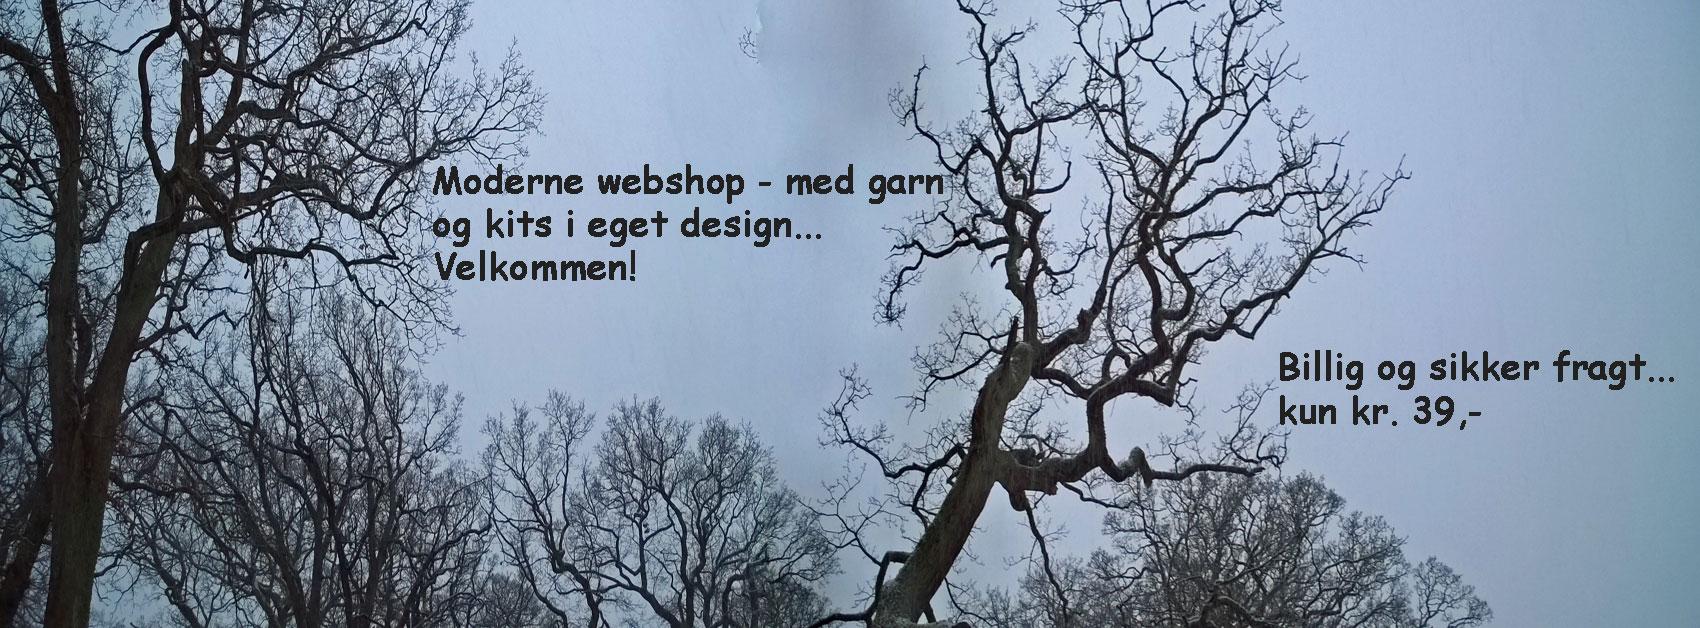 Garn webshoppen Doggerland Design, billig fragt og gratis fragt på ordrer. Foto: Marianne Prosborg